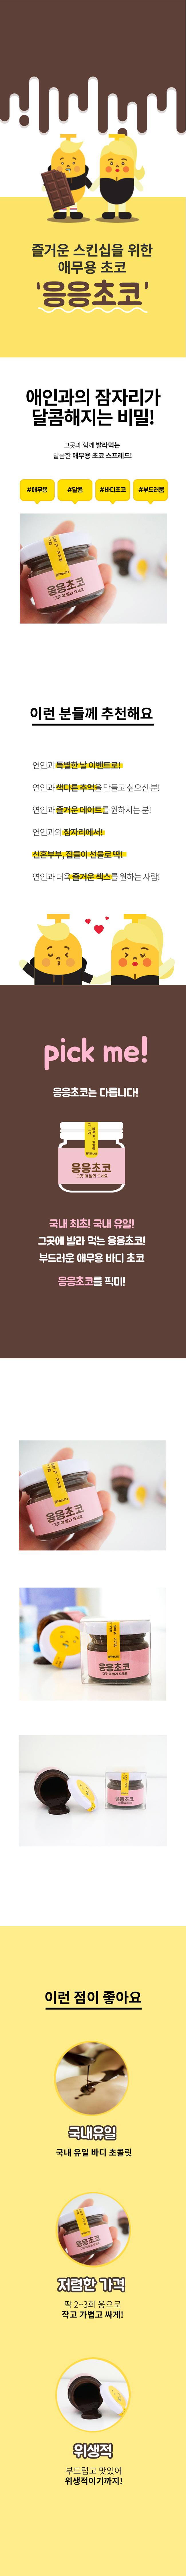 [홀딱바나나] 응응초코 바디 초콜렛 발렌타인